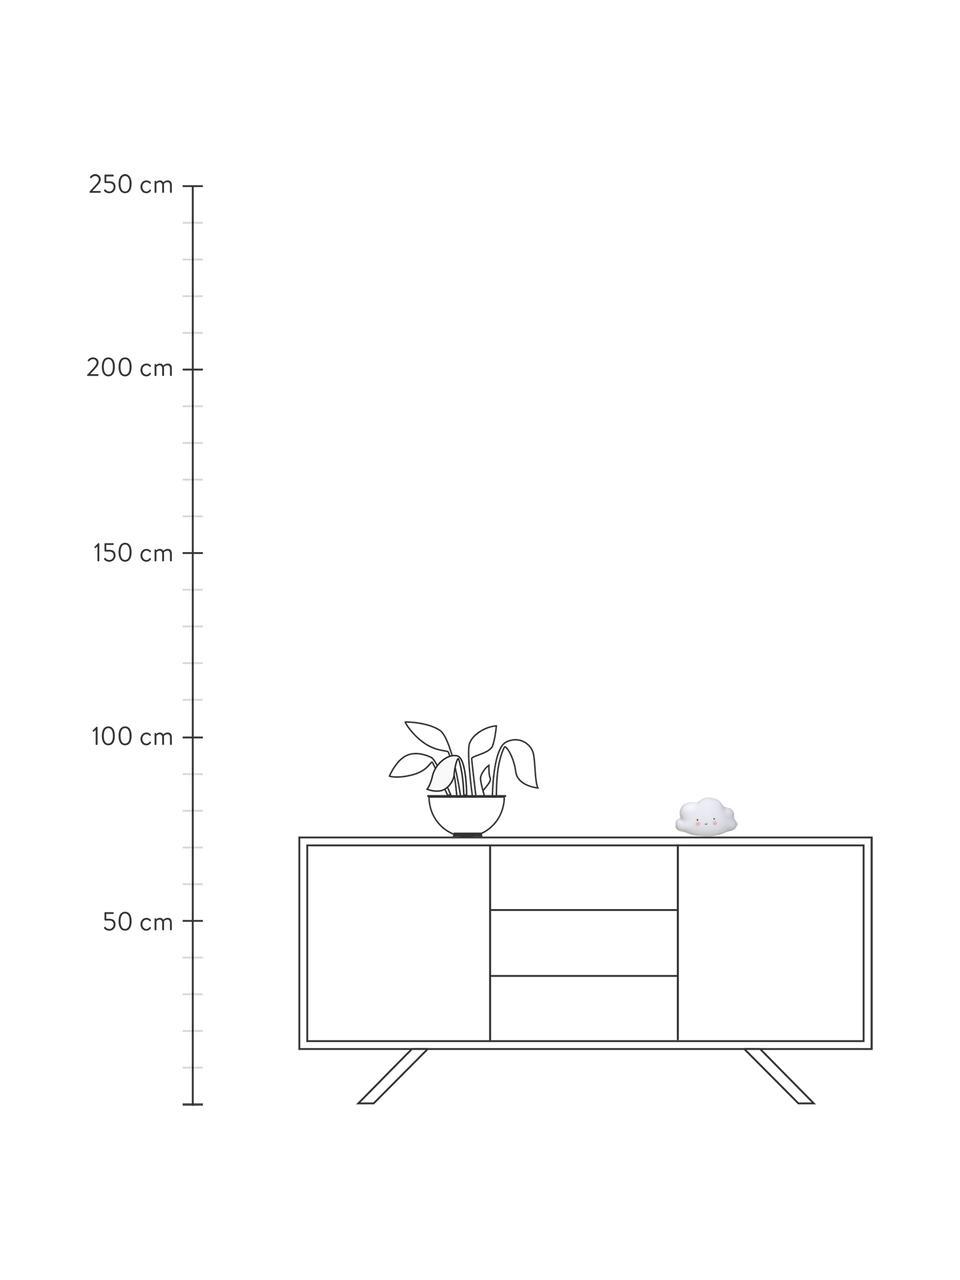 Mała lampa dekoracyjna LED z funkcją timera Cloud, Tworzywo sztuczne, bez BPA i ołowiu, Biały, blady różowy, czarny, S 17 x W 10 cm